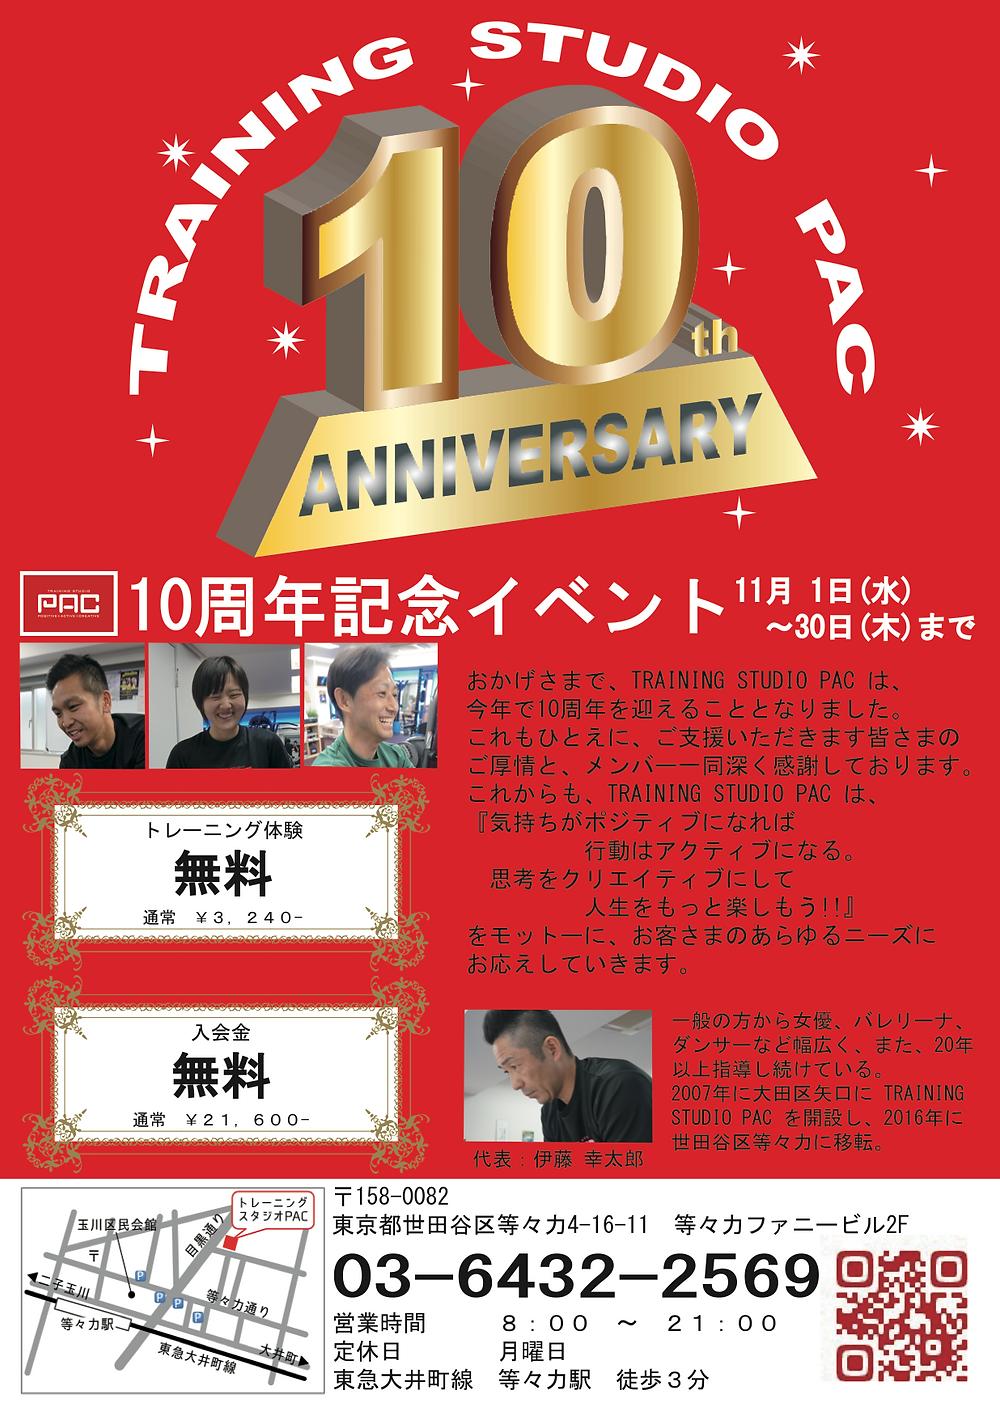 10周年記念キャンペーン 体験無料 入会金無料